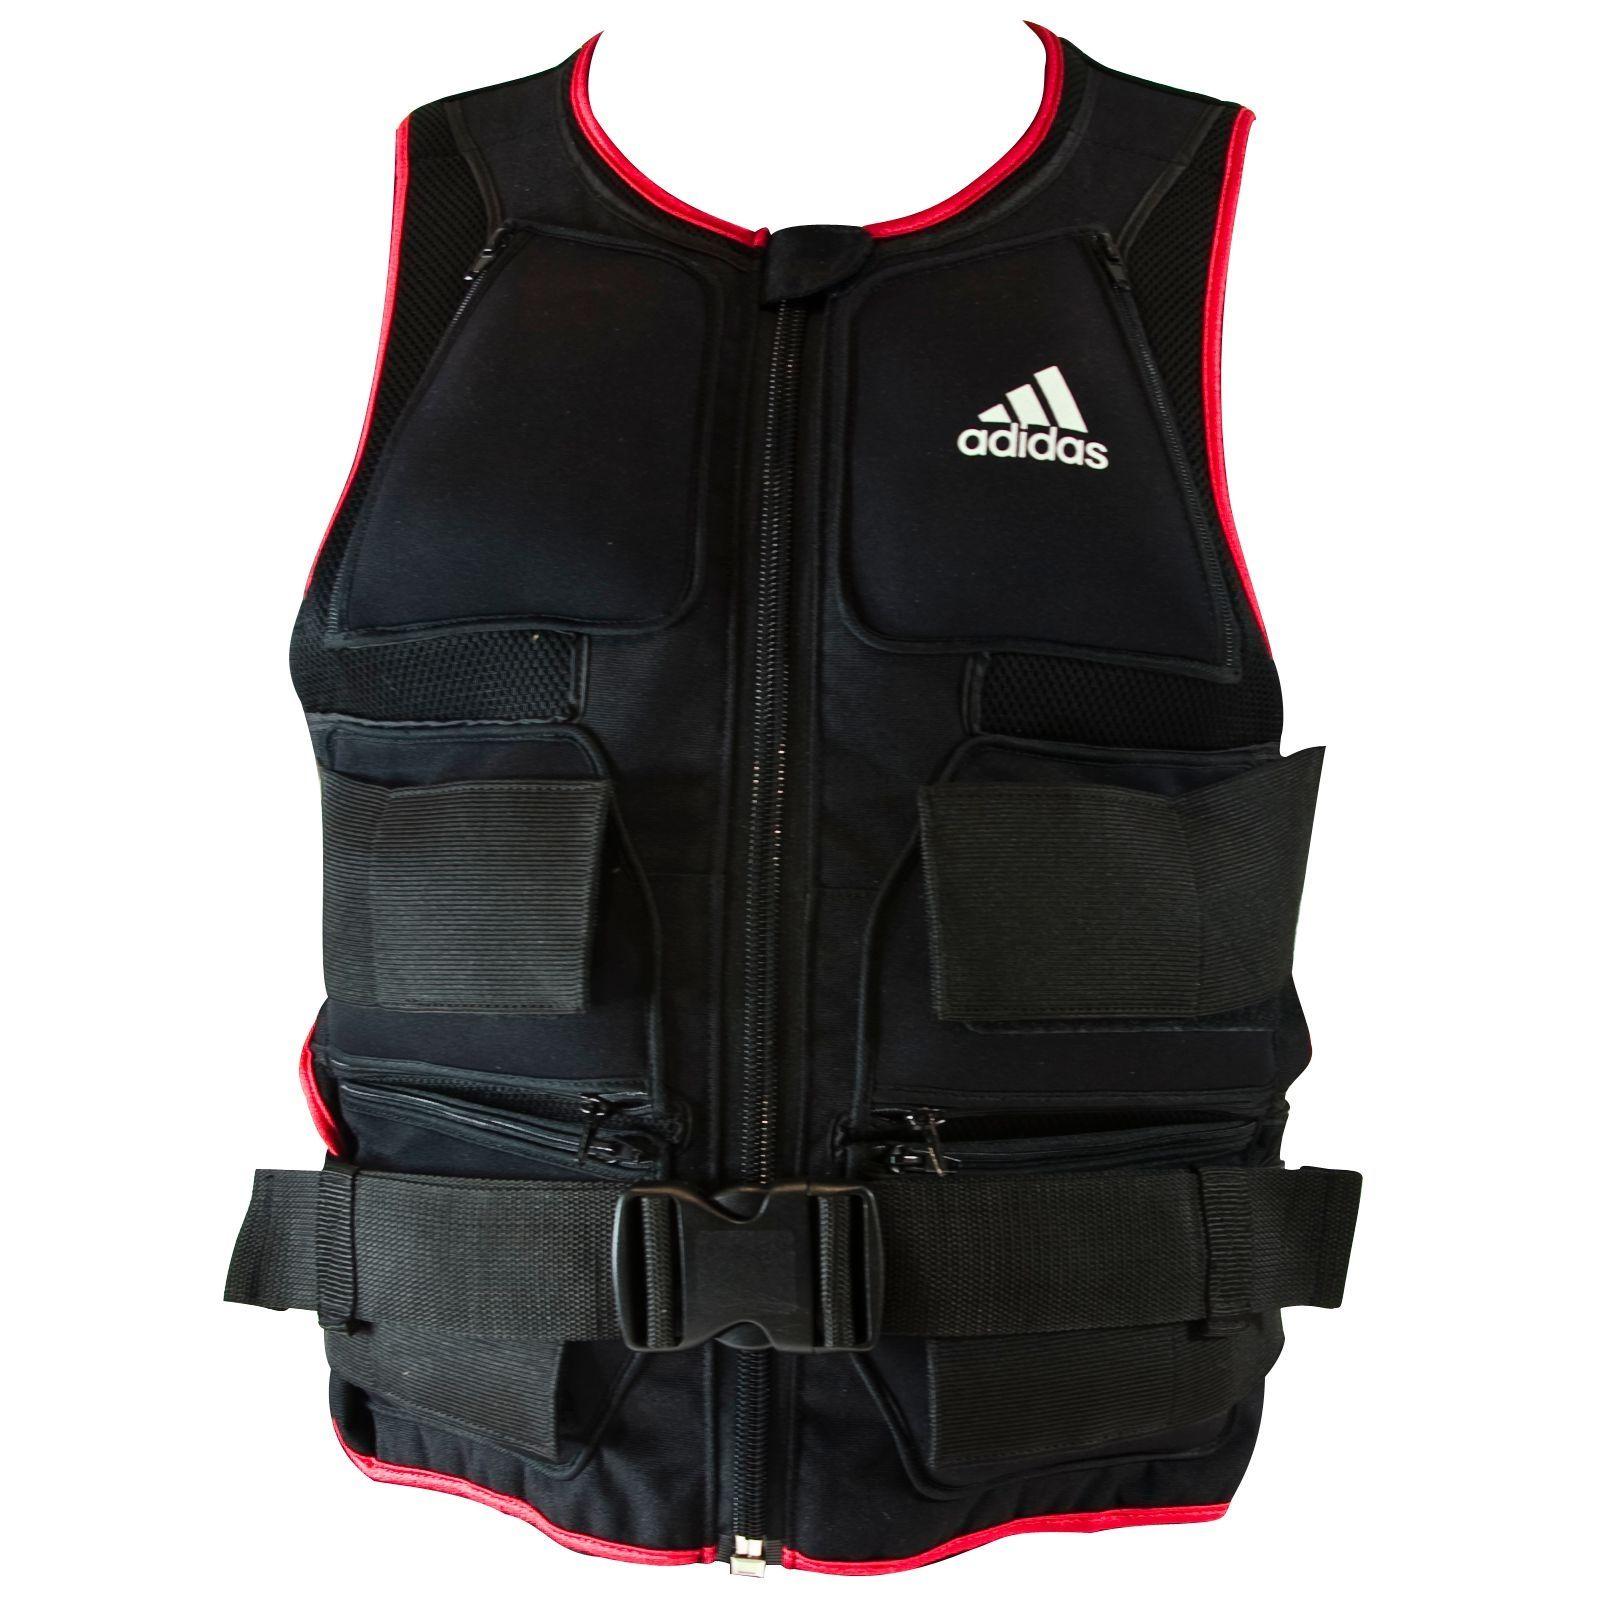 Adidas Weight Vest Sweatband Com